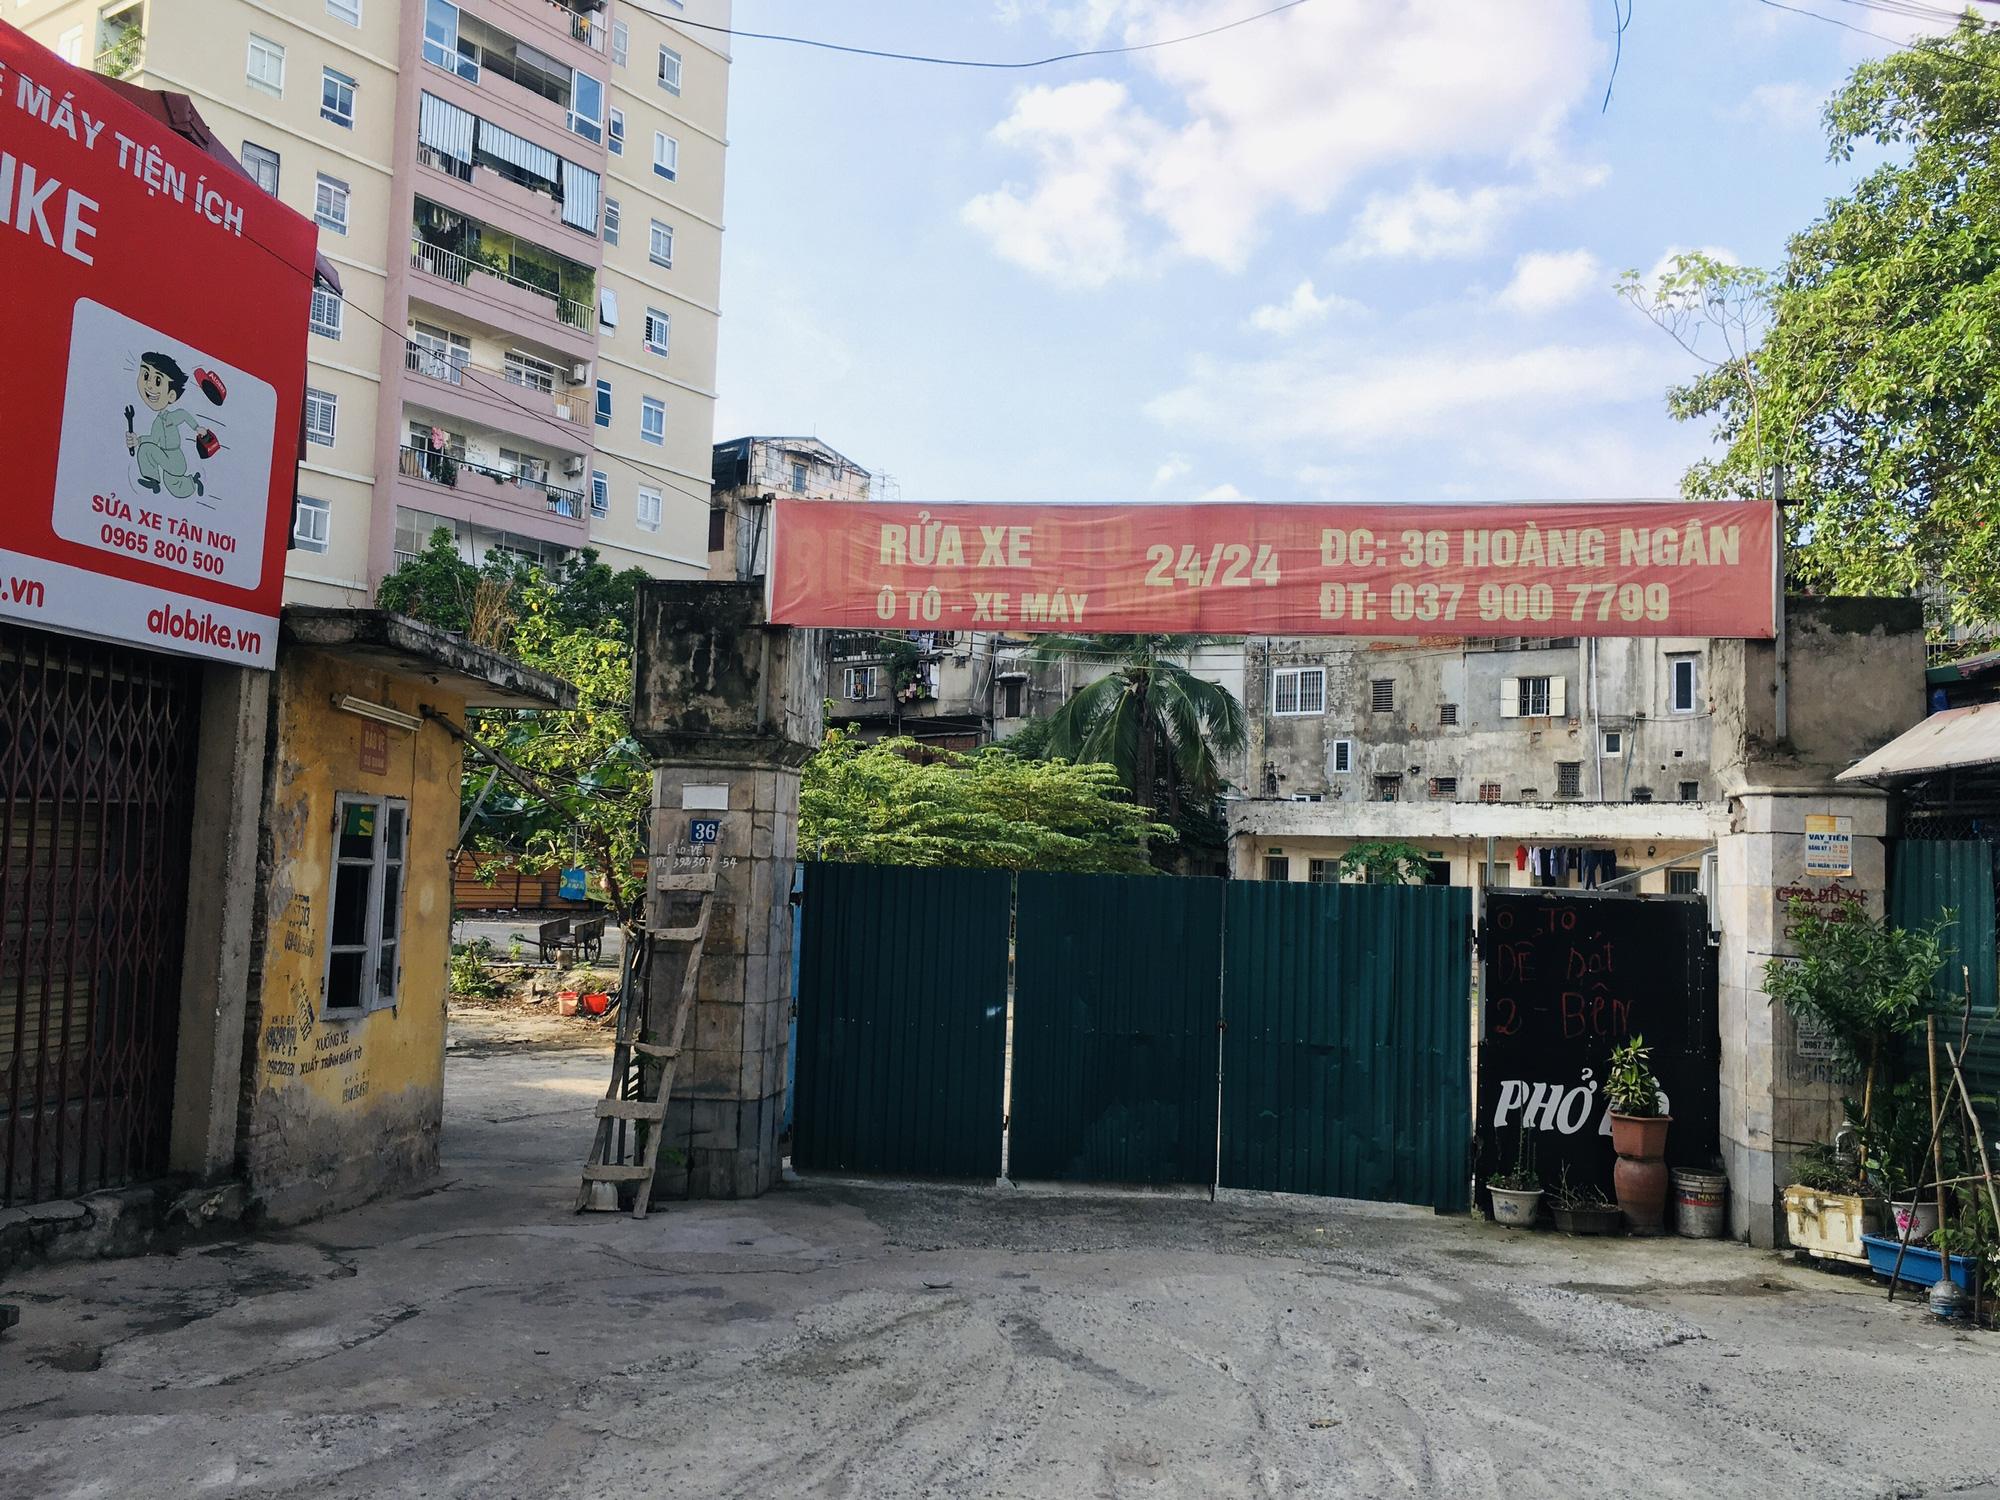 Những khu dính quy hoạch phường Trung Hòa, Cầu Giấy, Hà Nội (phần 2) - Ảnh 12.